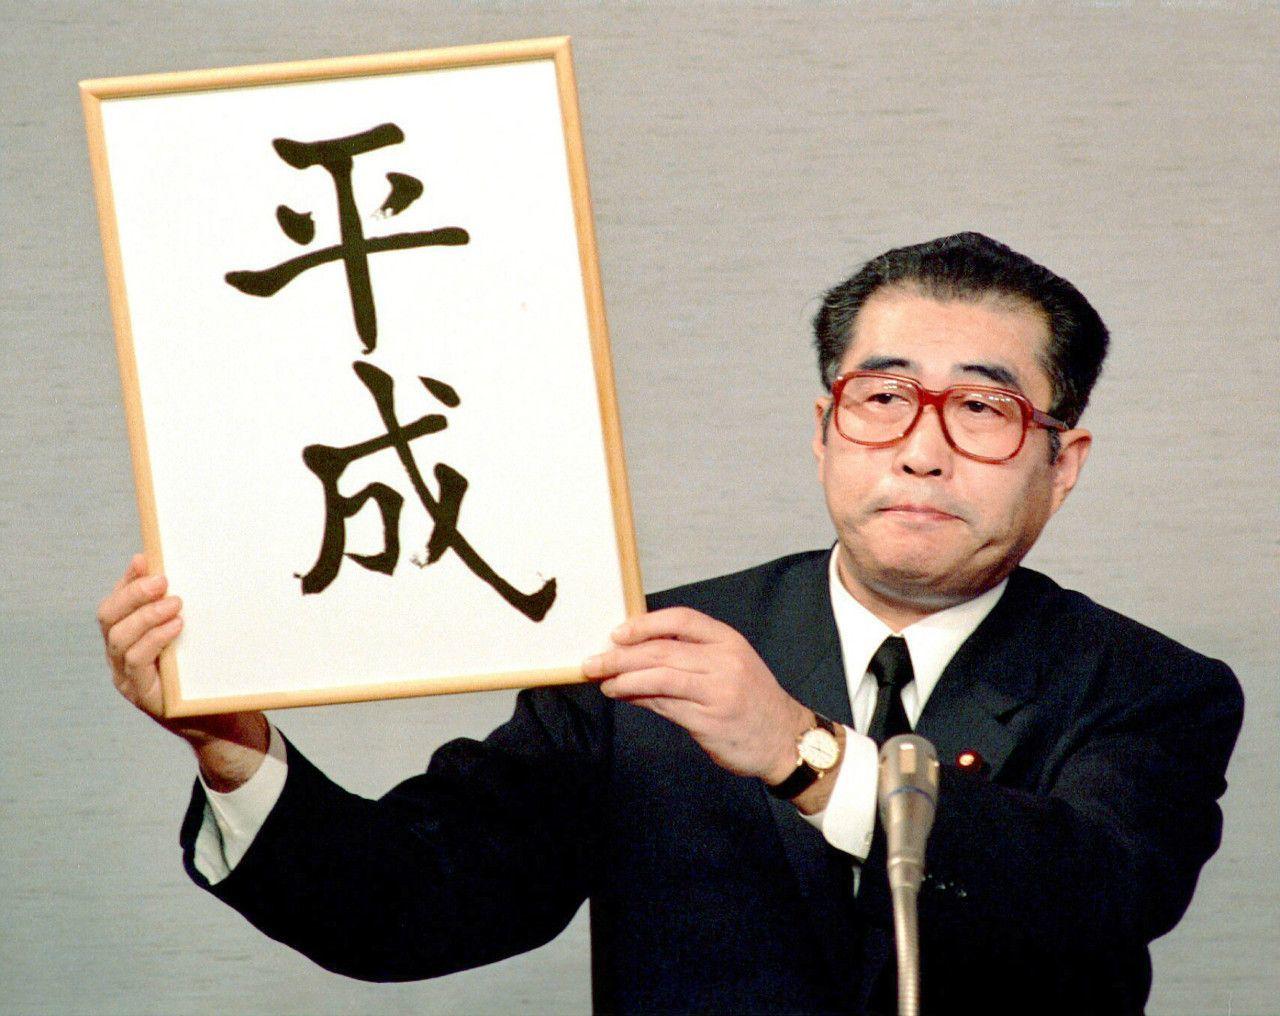 新元号を公表した故・小渕恵三氏は「平成おじさん」と呼ばれた